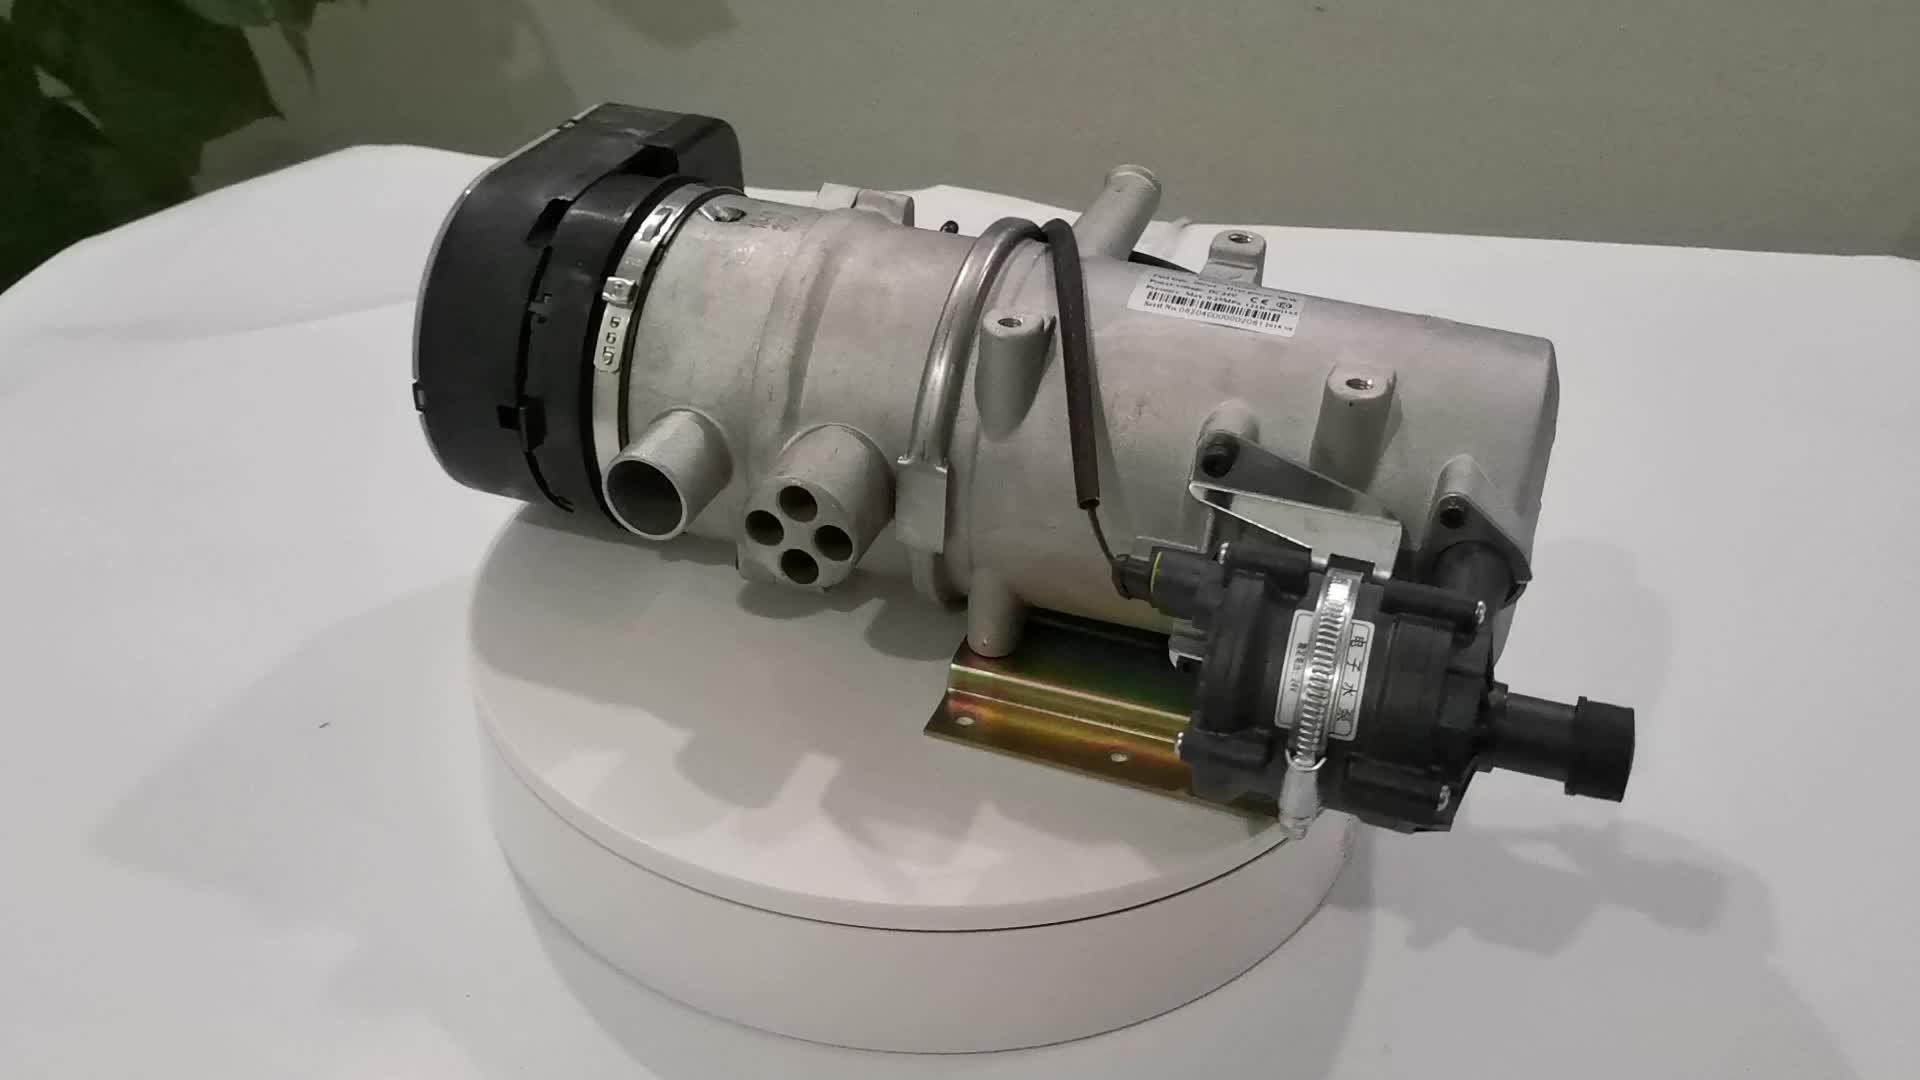 JP tương tự như Webasto 9kw 12v 24v diesel xe nước động cơ nóng cho camper xe tải van